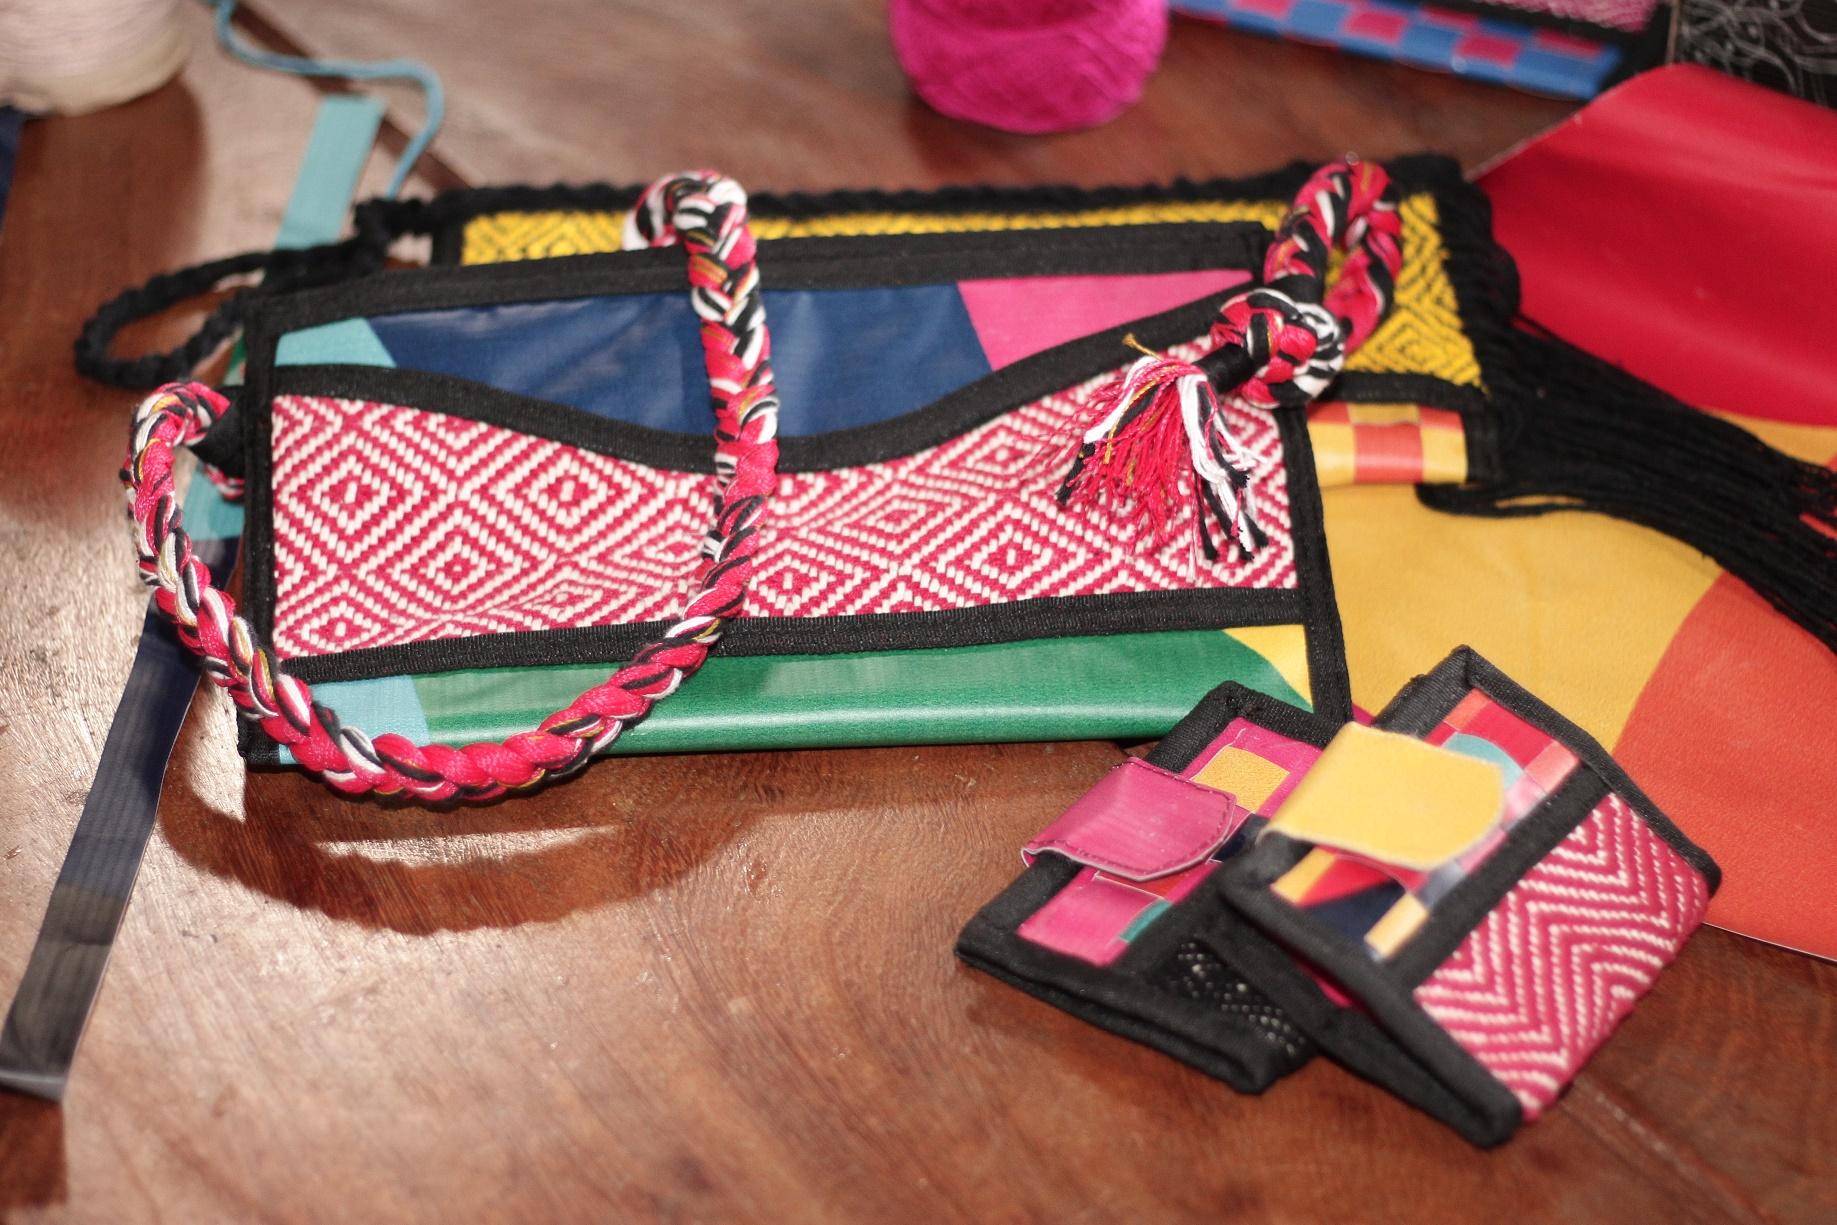 Bolsas feitas com lona ortofônica, revestimento de plástico vazado e maleável usado nos trios elétricos da Bahia. Foto de Divulgação